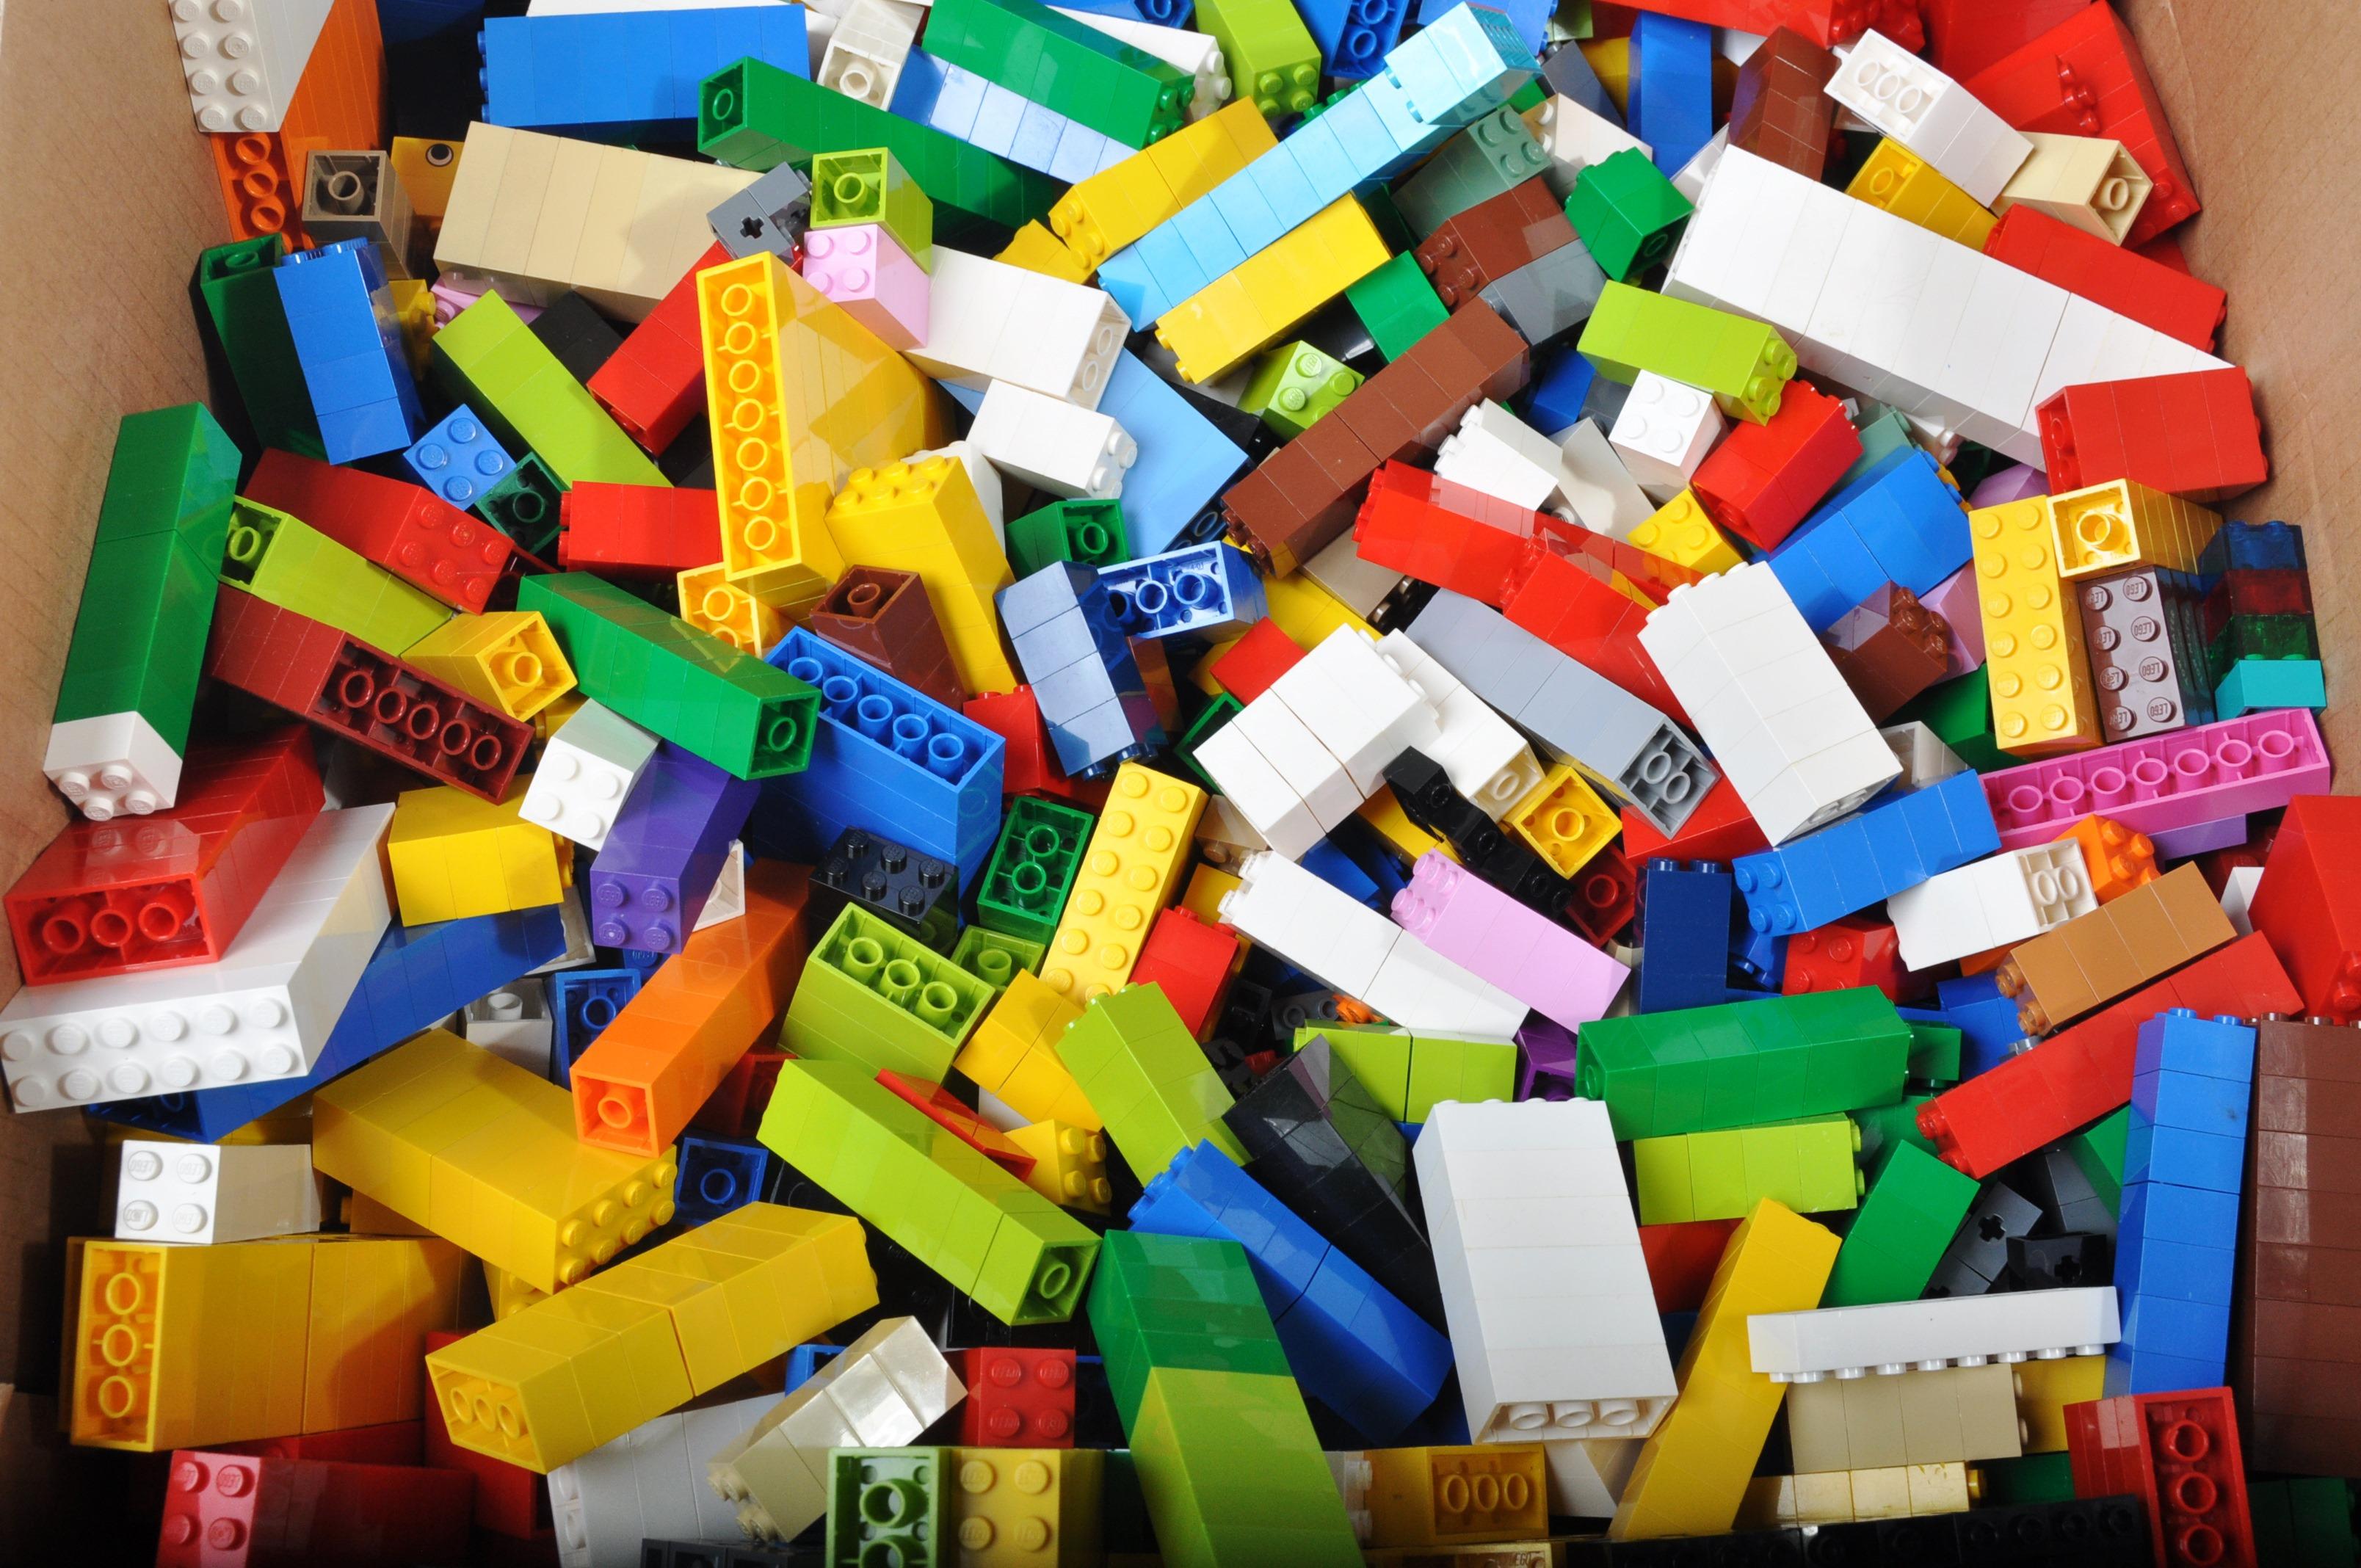 LARGE ASSORTMENT OF LOOSE LEGO BRICKS - Image 2 of 4